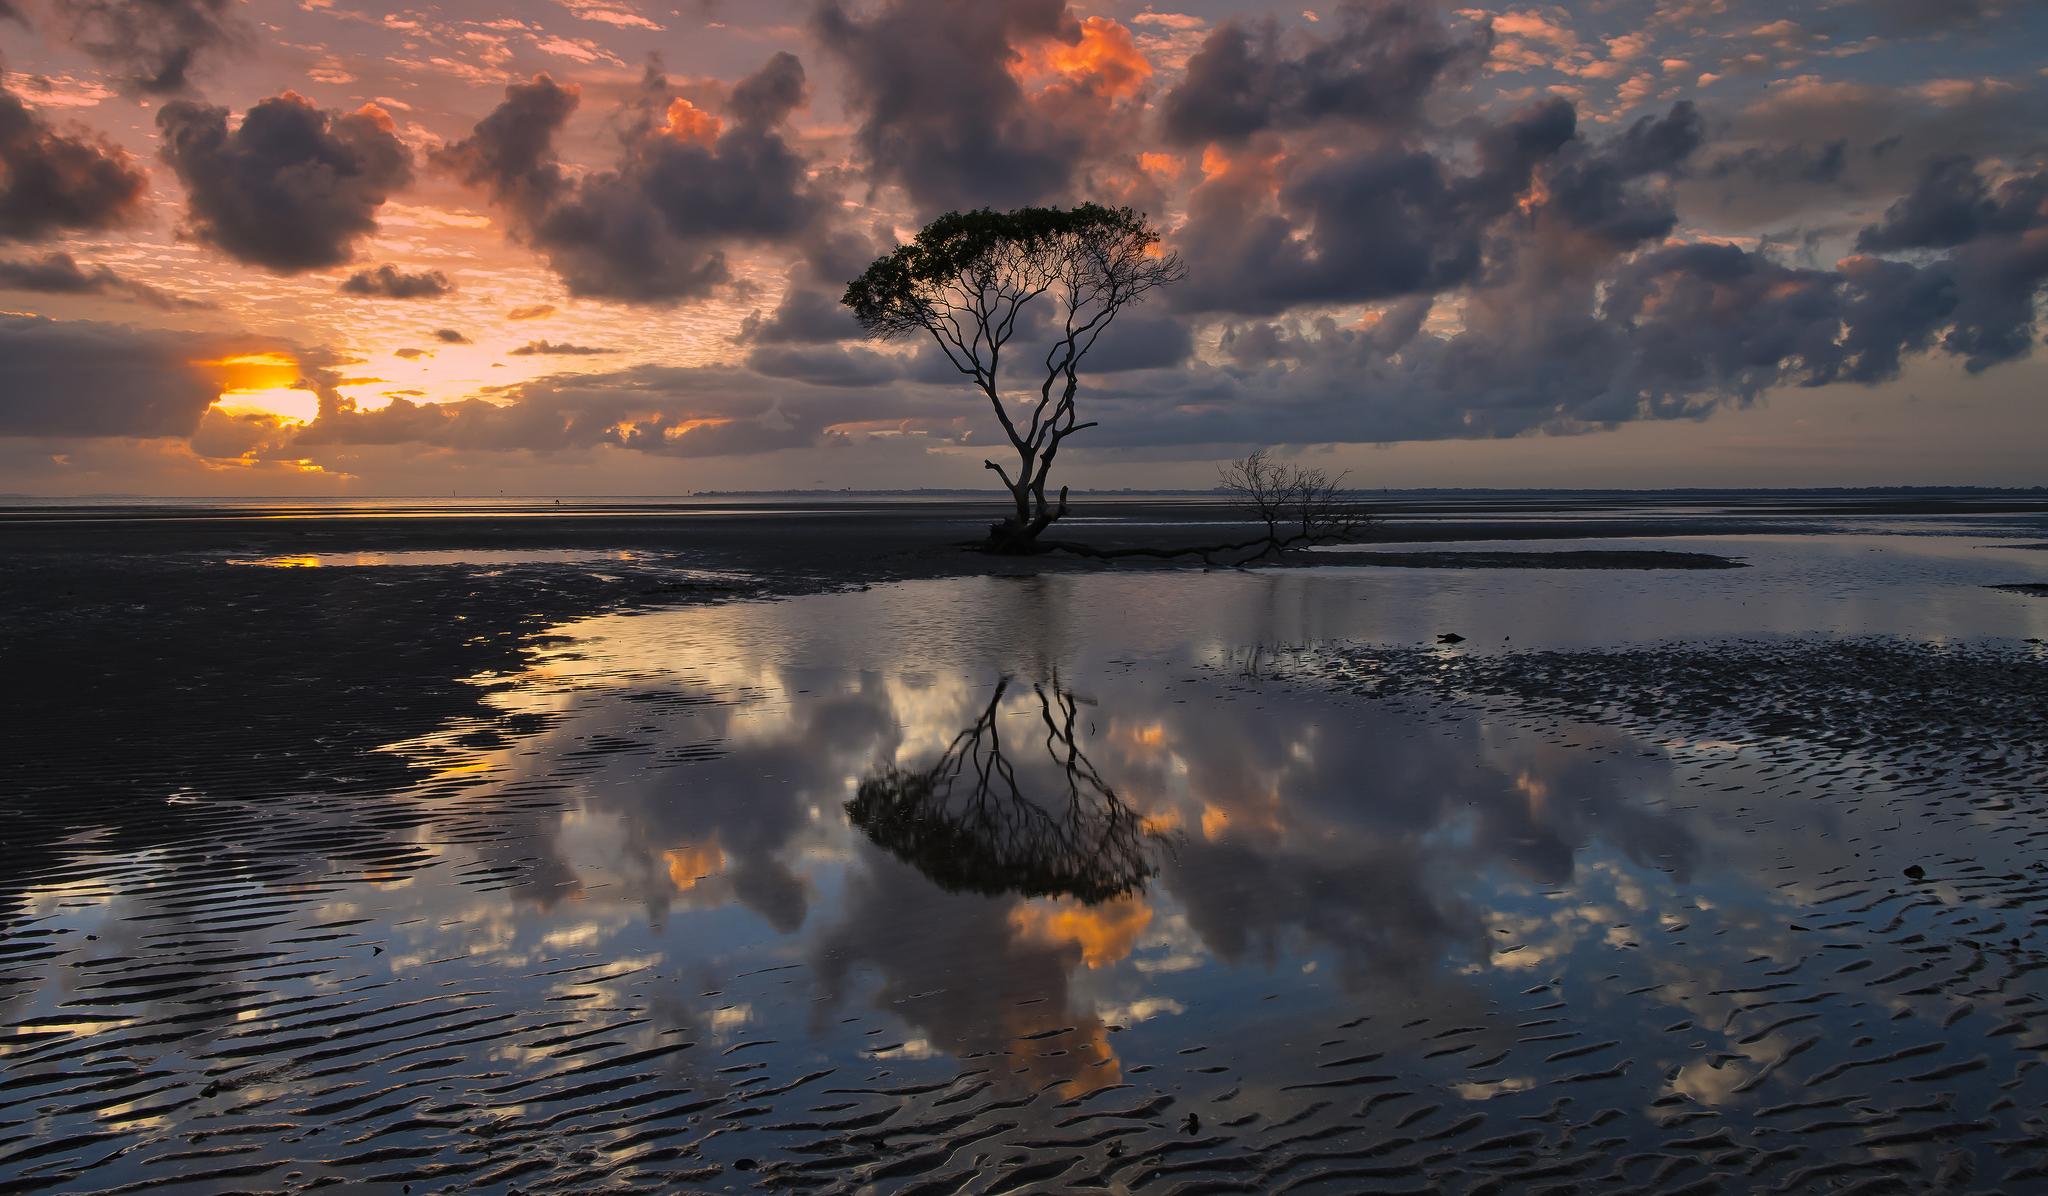 небо, вода, деревья  № 2487070 без смс